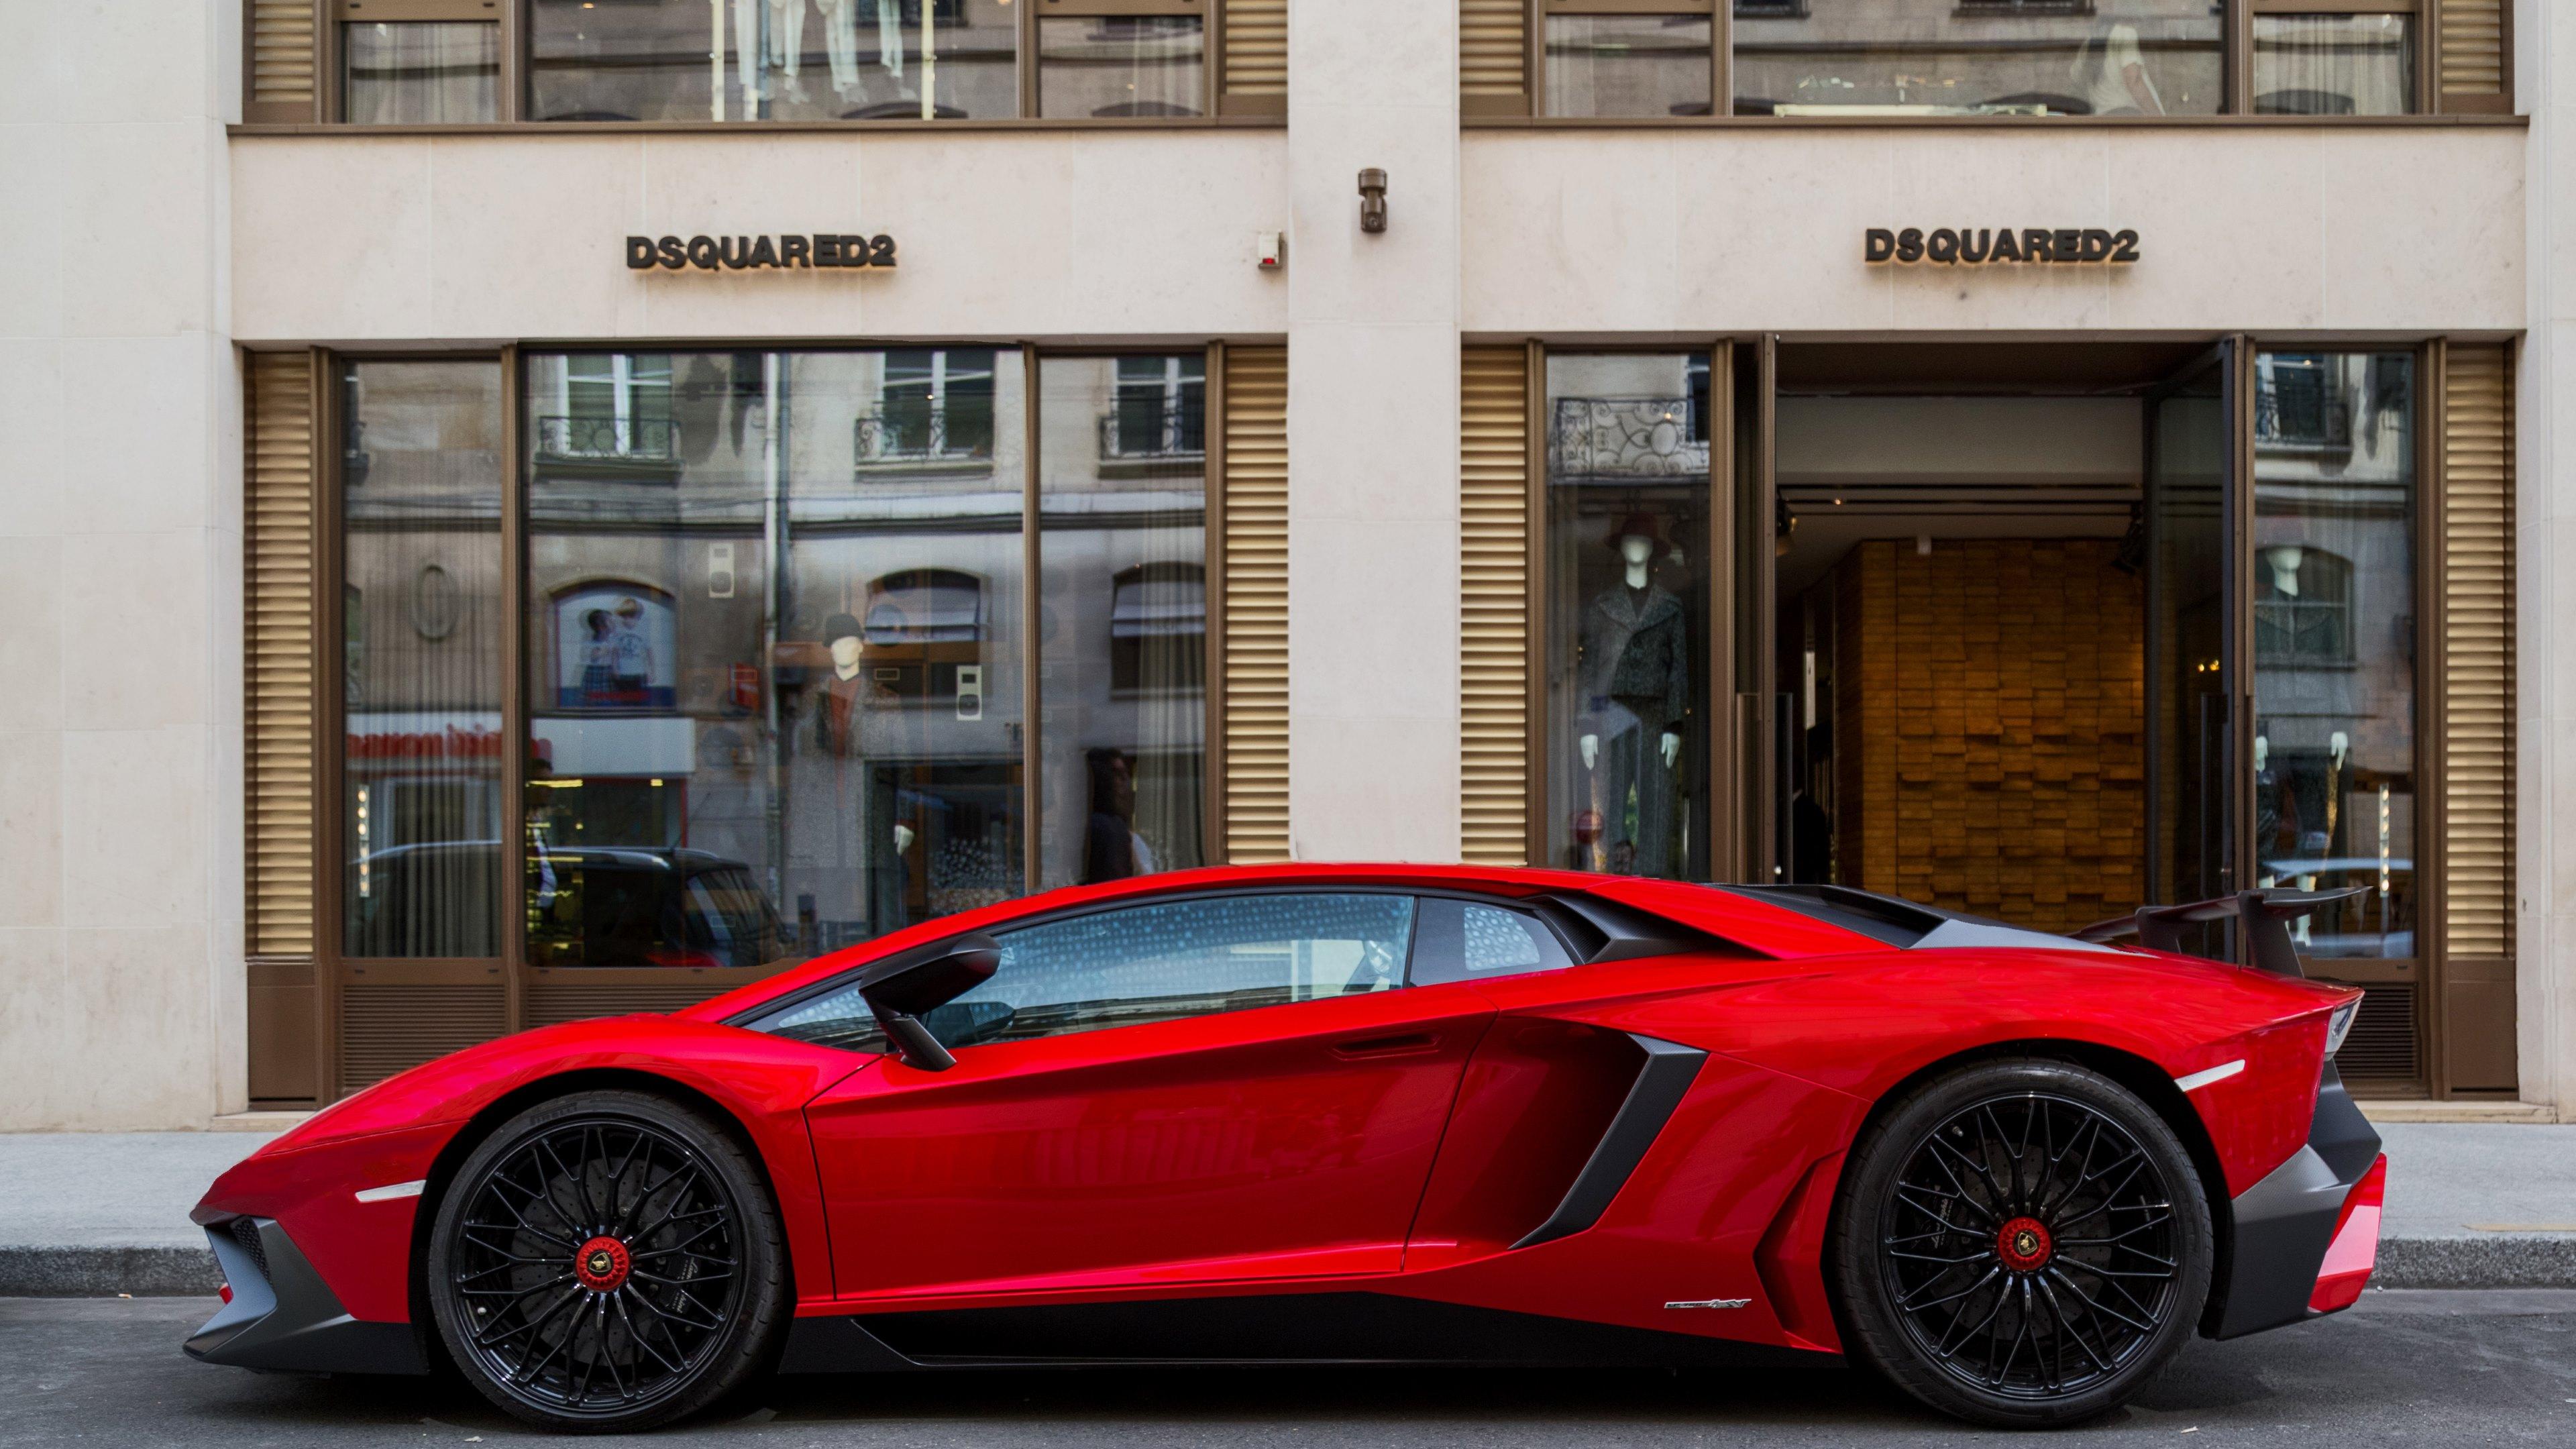 Lamborghini Aventador Green 4k Hd Cars 4k Wallpapers: Lamborghini Aventador 4k Ultra HD Wallpaper